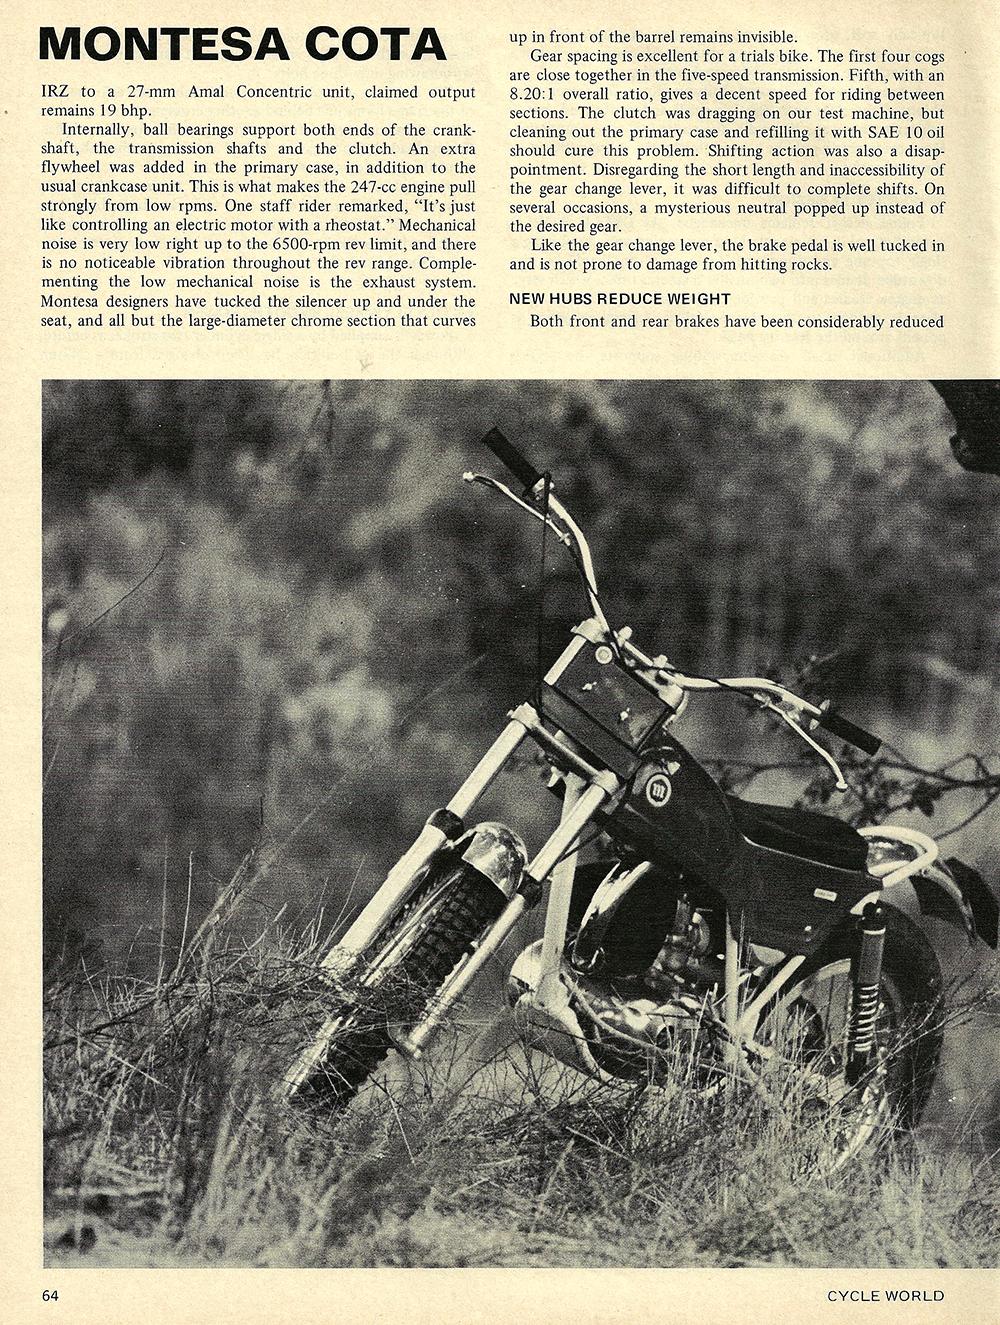 1971 Montesa Cota 247 road test 03.jpg